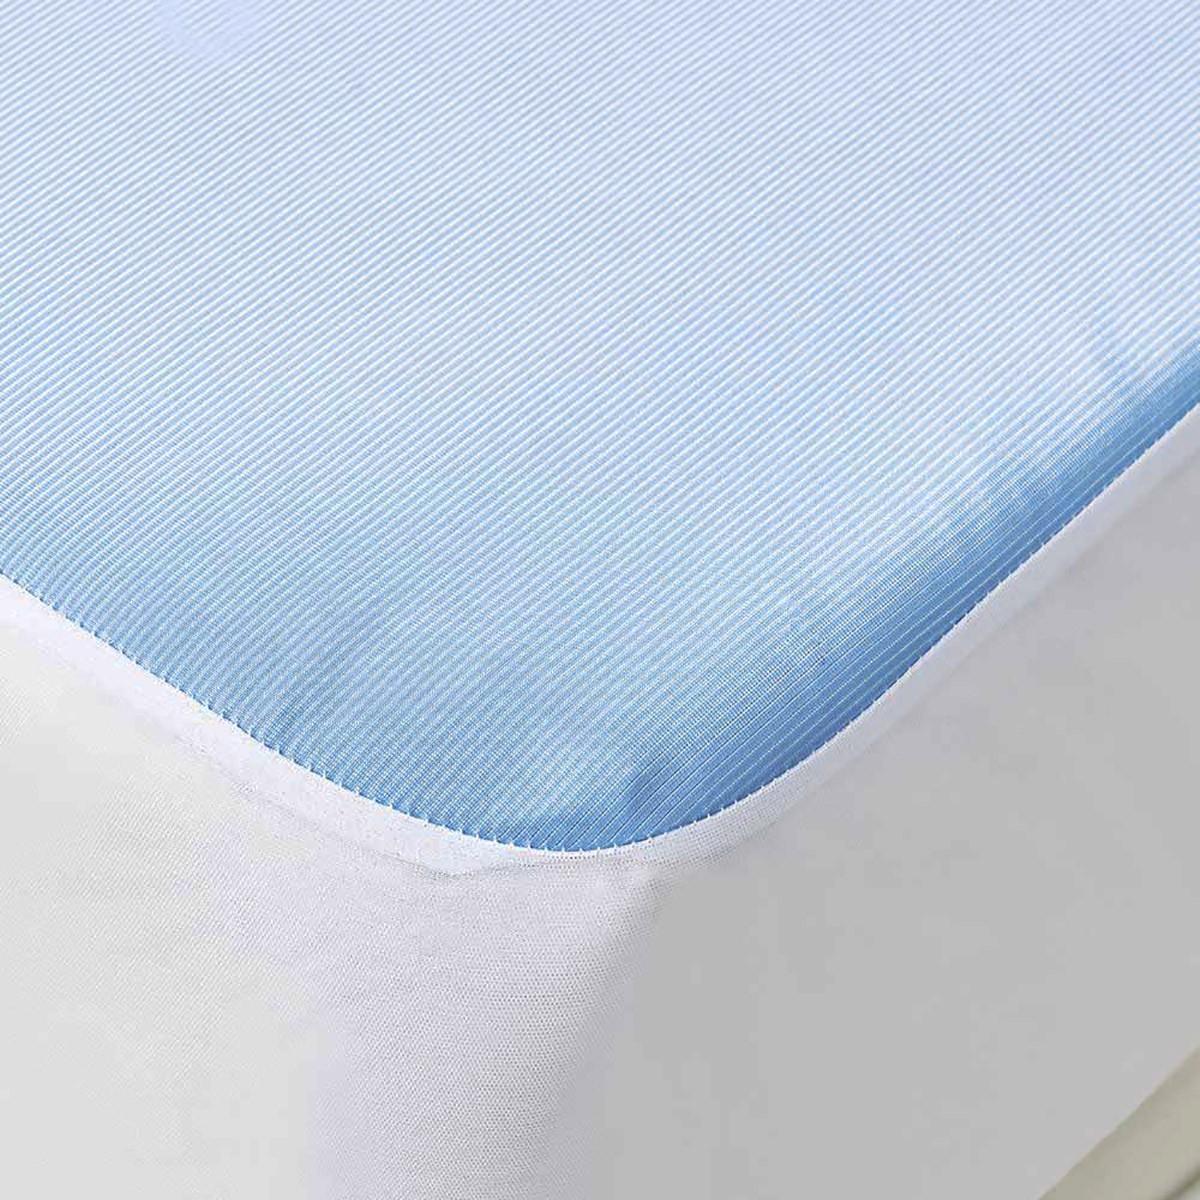 Κάλυμμα Στρώματος Ημίδιπλο Αδιάβροχο Kentia Cool Protector 75653